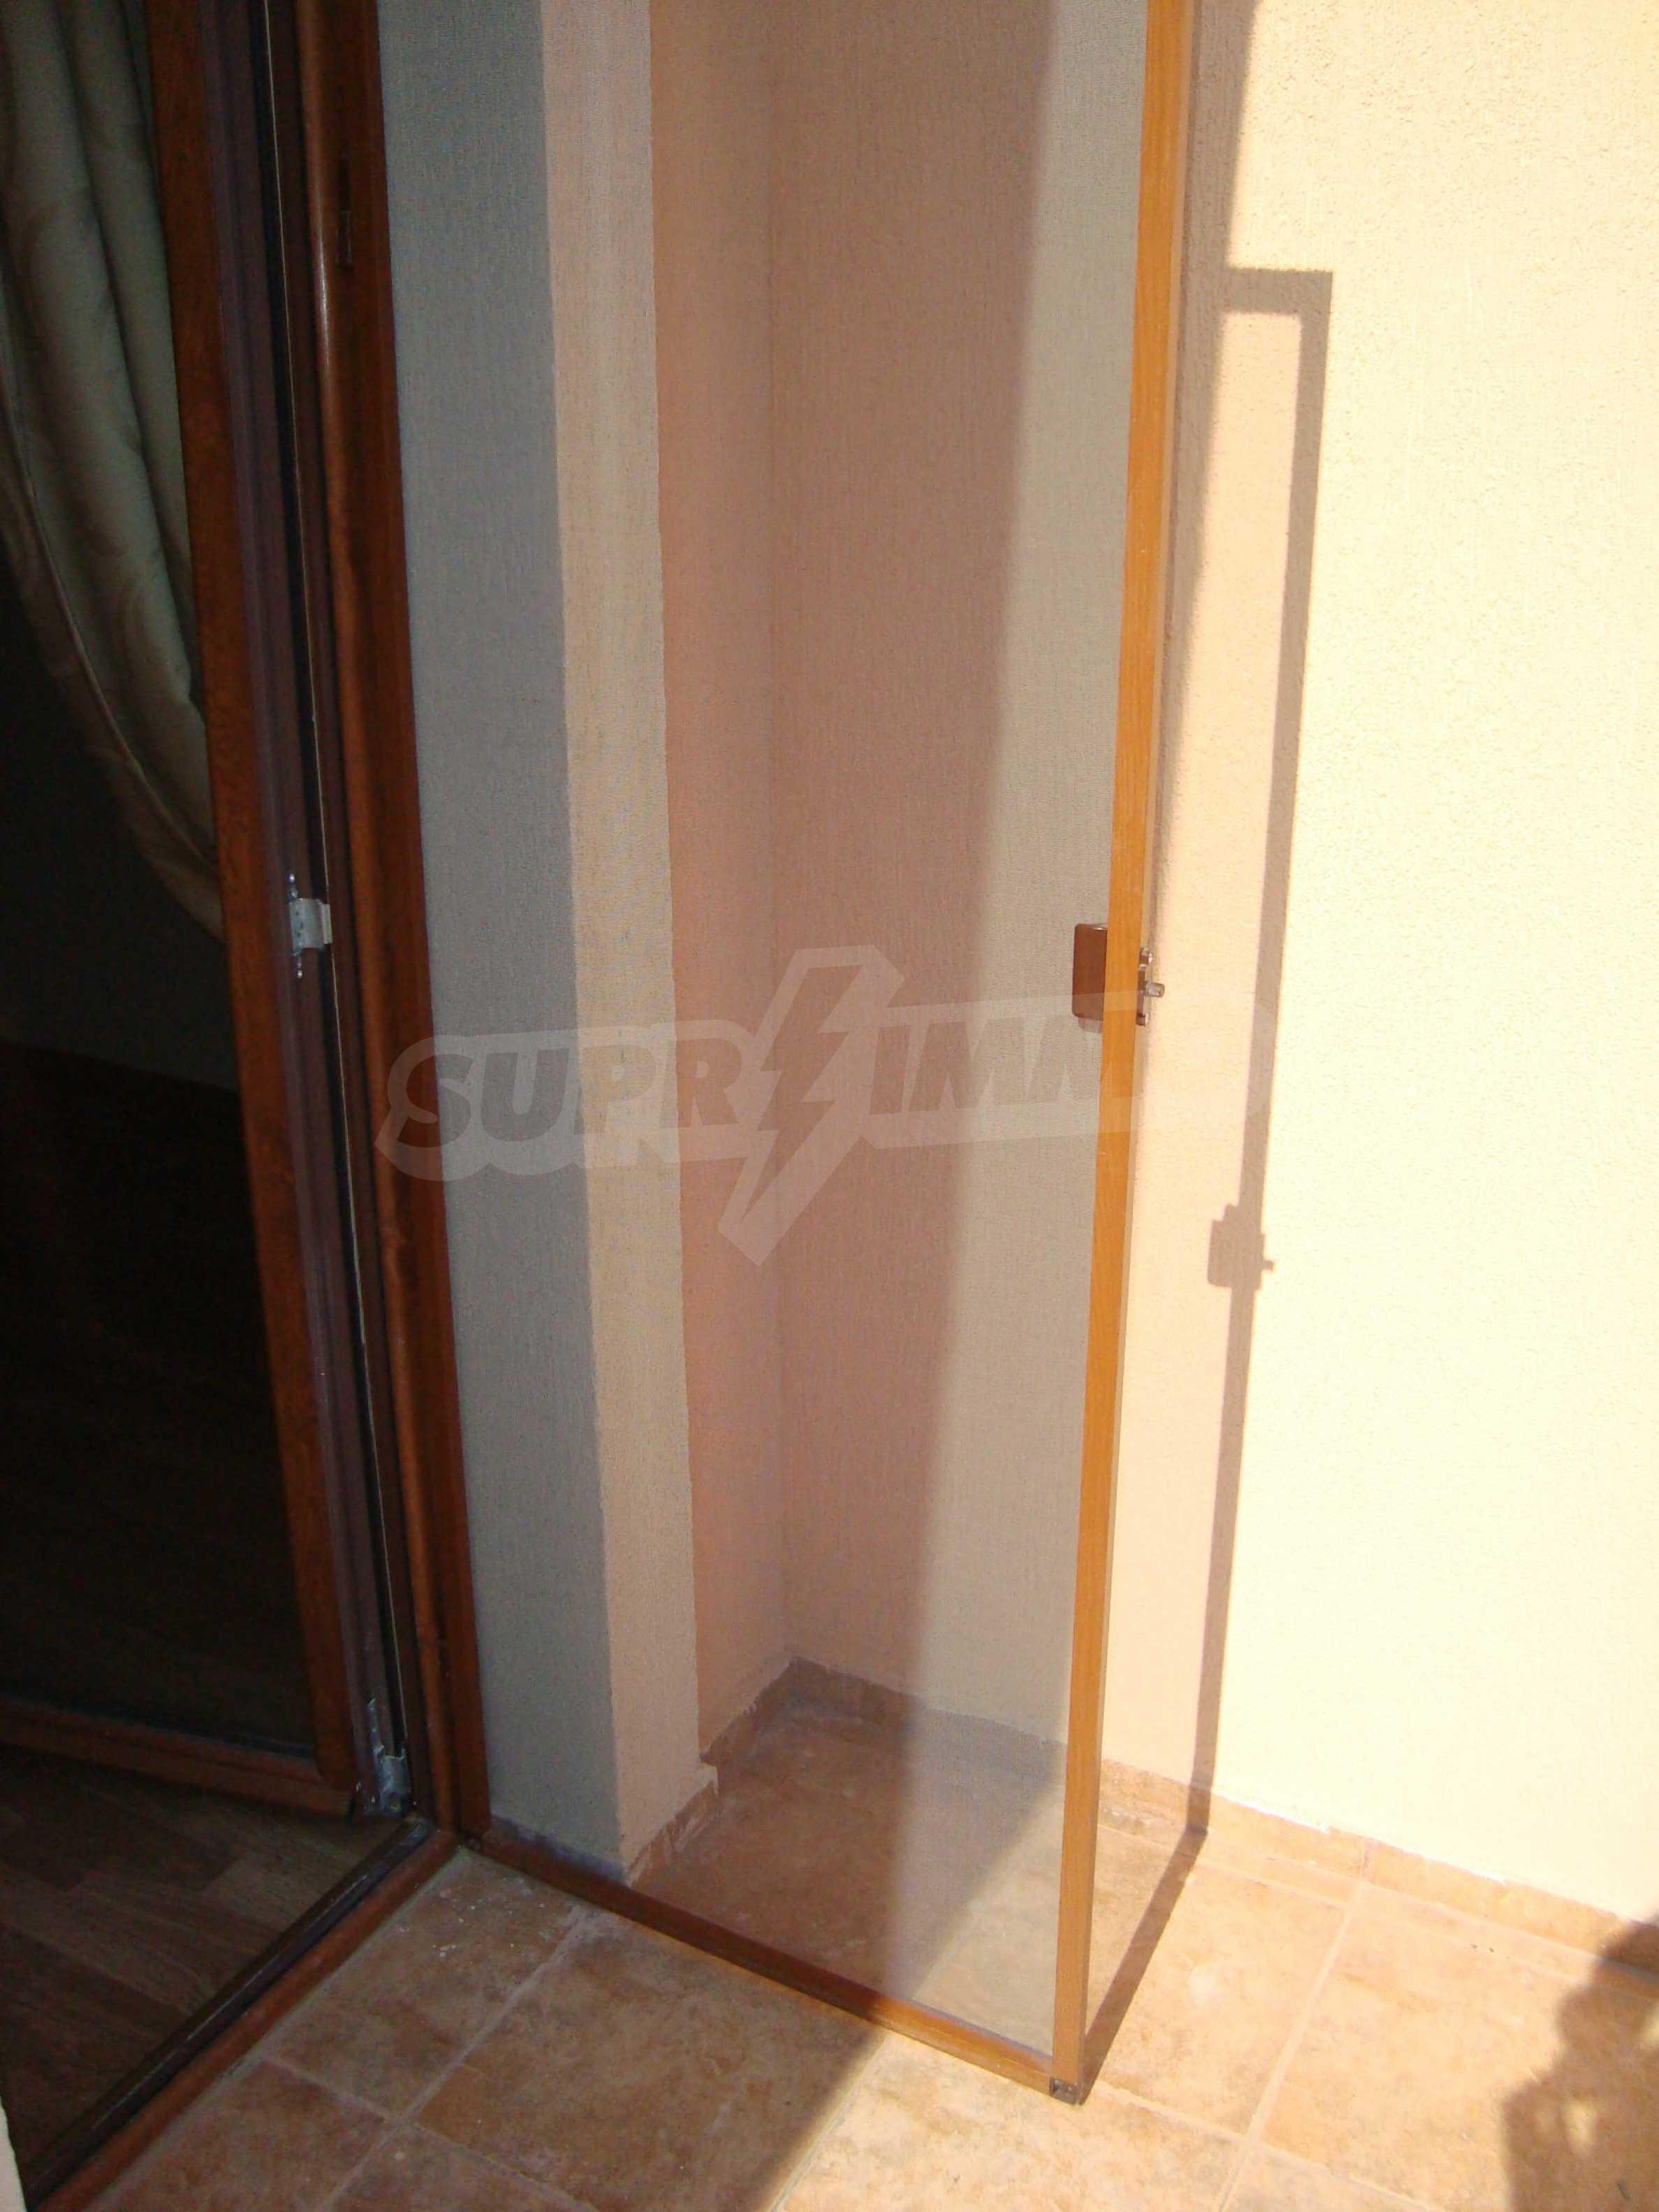 2-stöckige Villa zum Verkauf in Elenite Feriendorf, 32